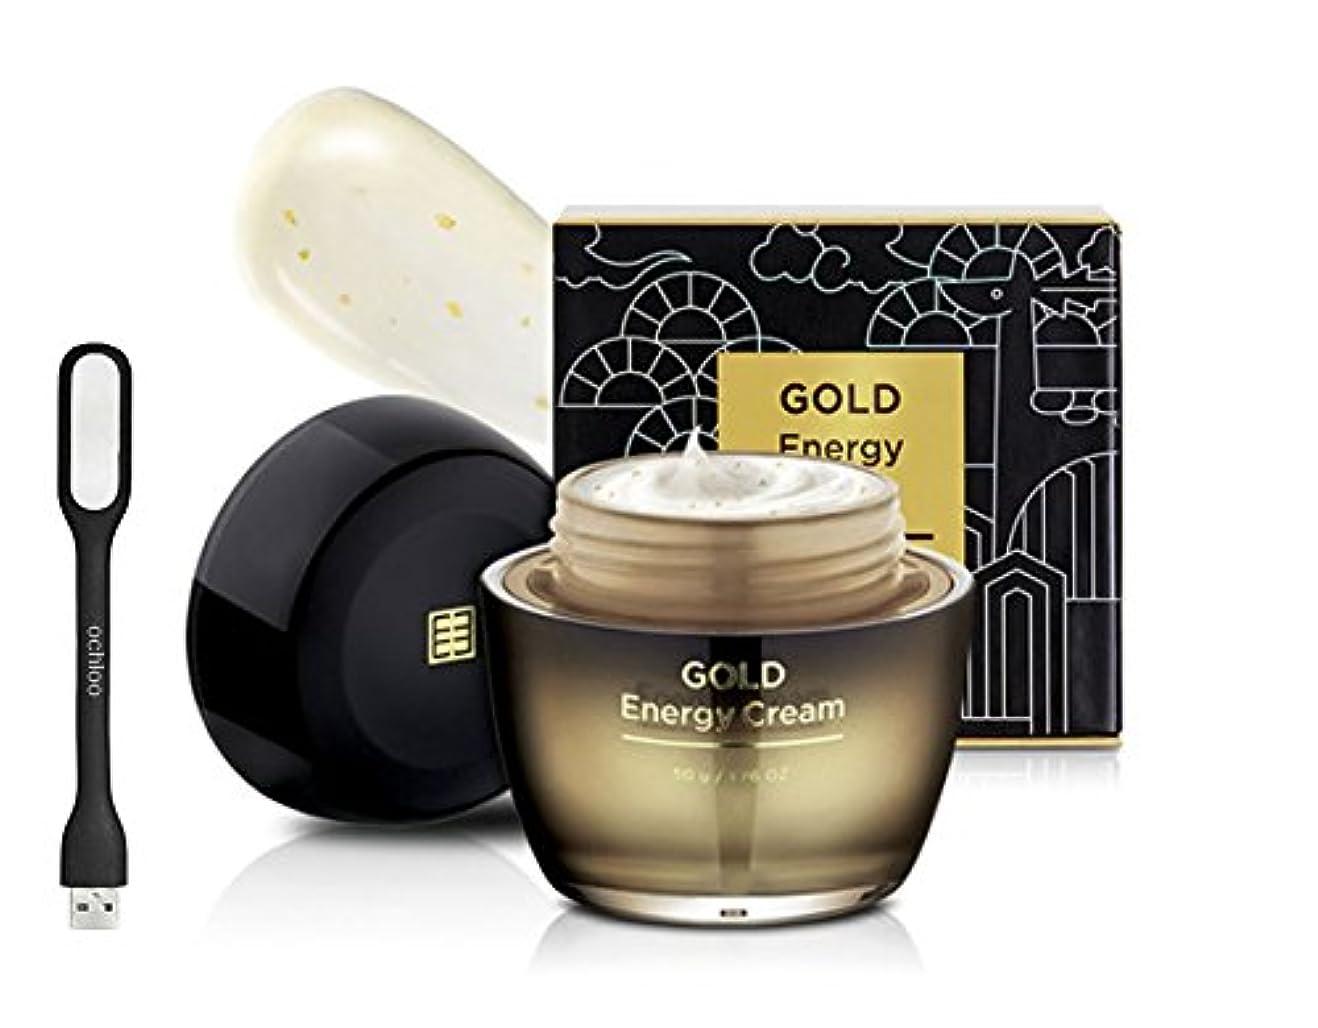 スクランブル君主広まったESTHEMED 【NEW!! エステメドゴールドエネルギークリーム】ESTHEMED GOLD Energy Cream 50g + ochloo logo tag led